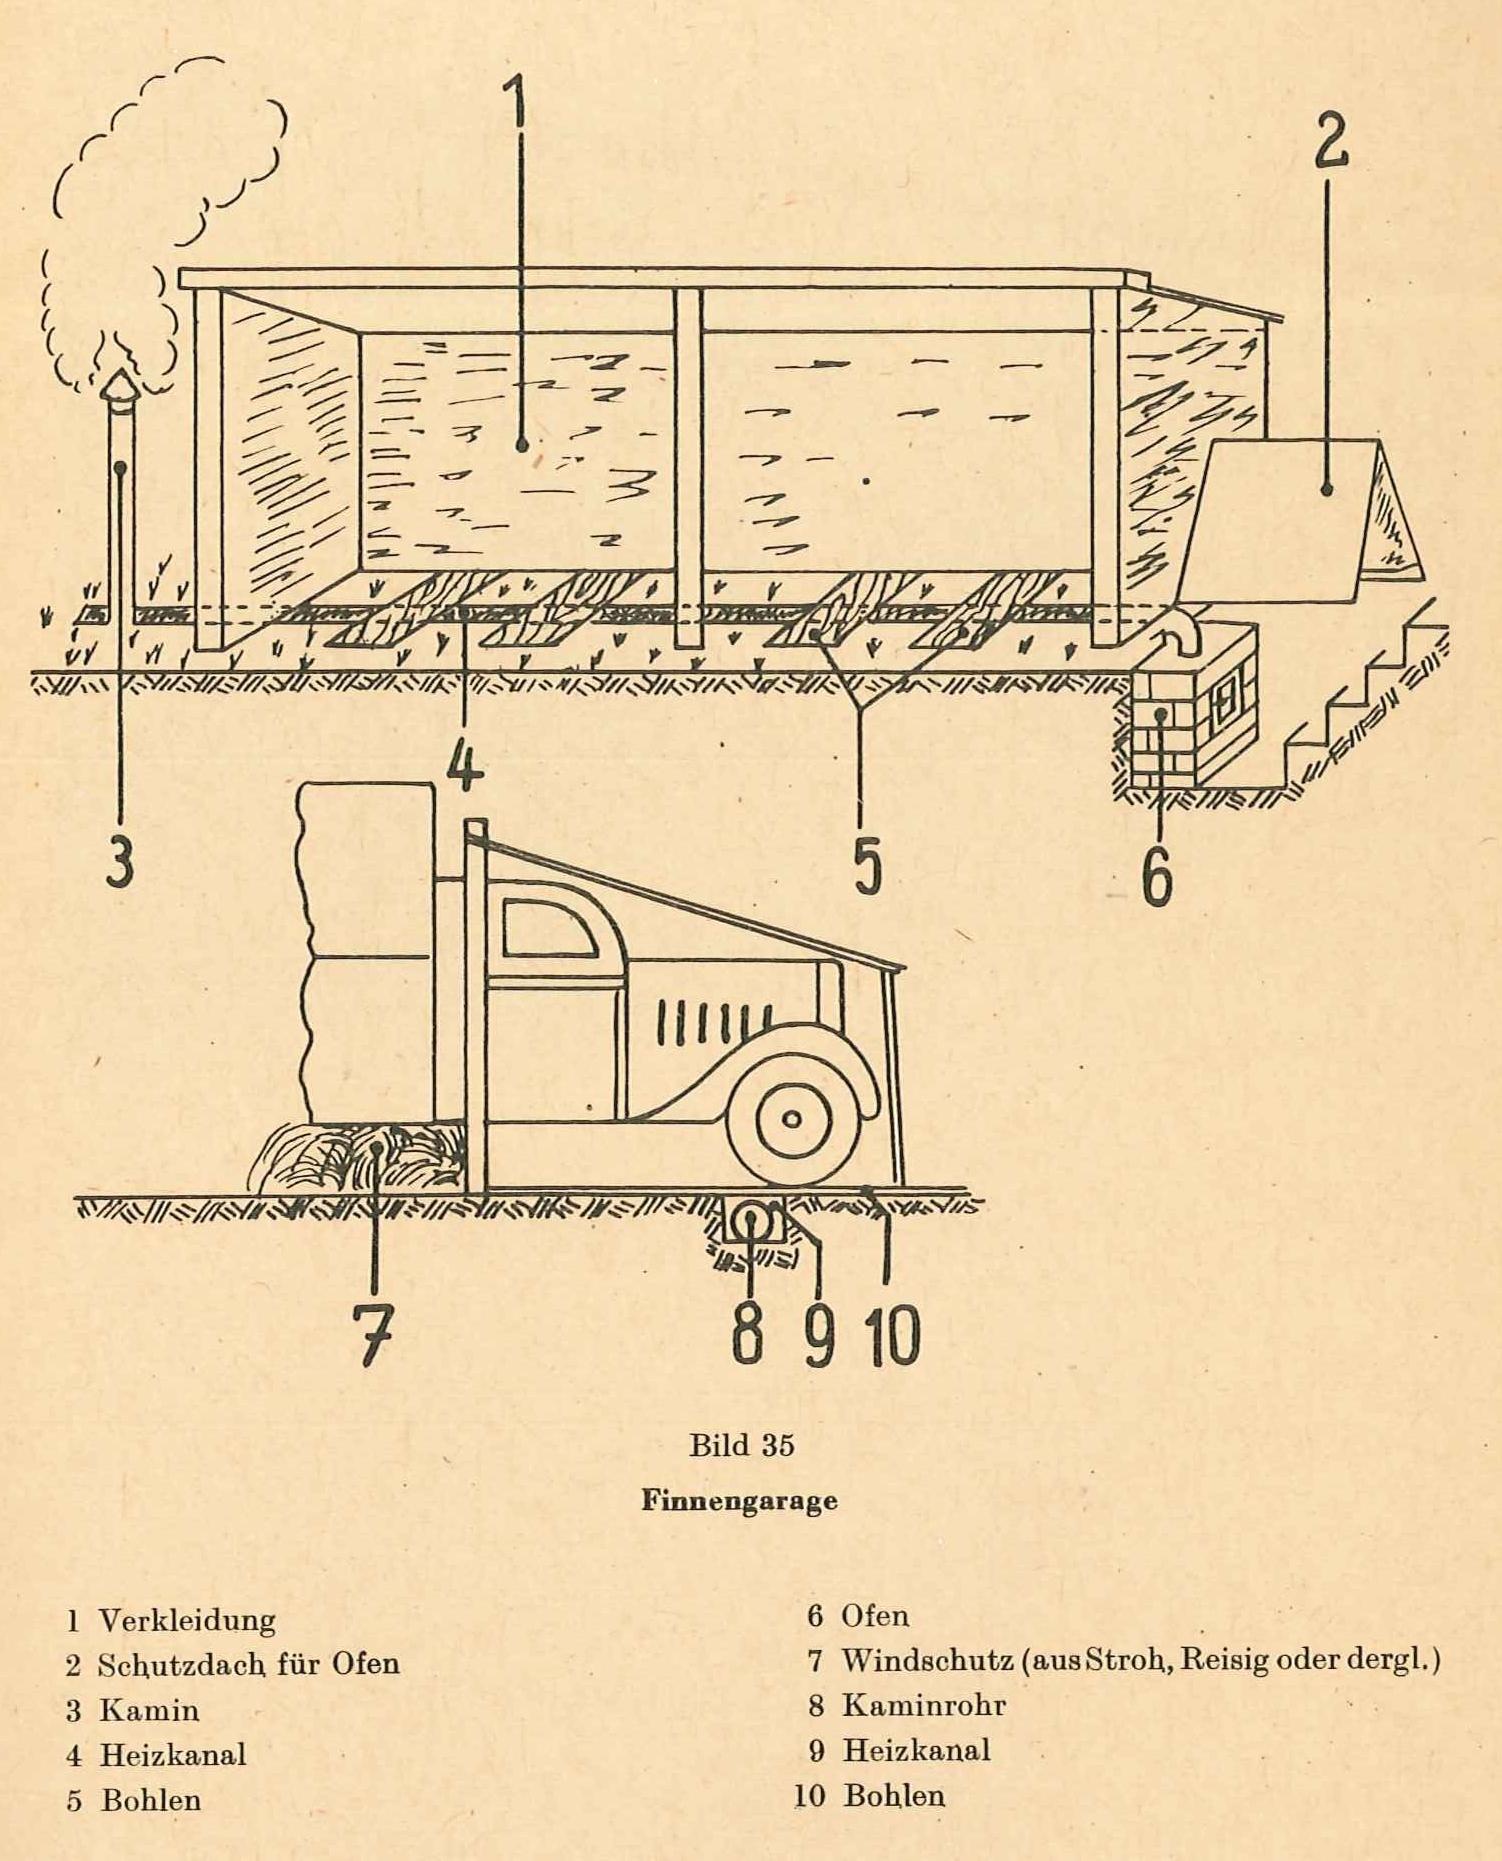 File:Schematische Darstellung einer Finnenhütte mit Heizkanal.jpg ...